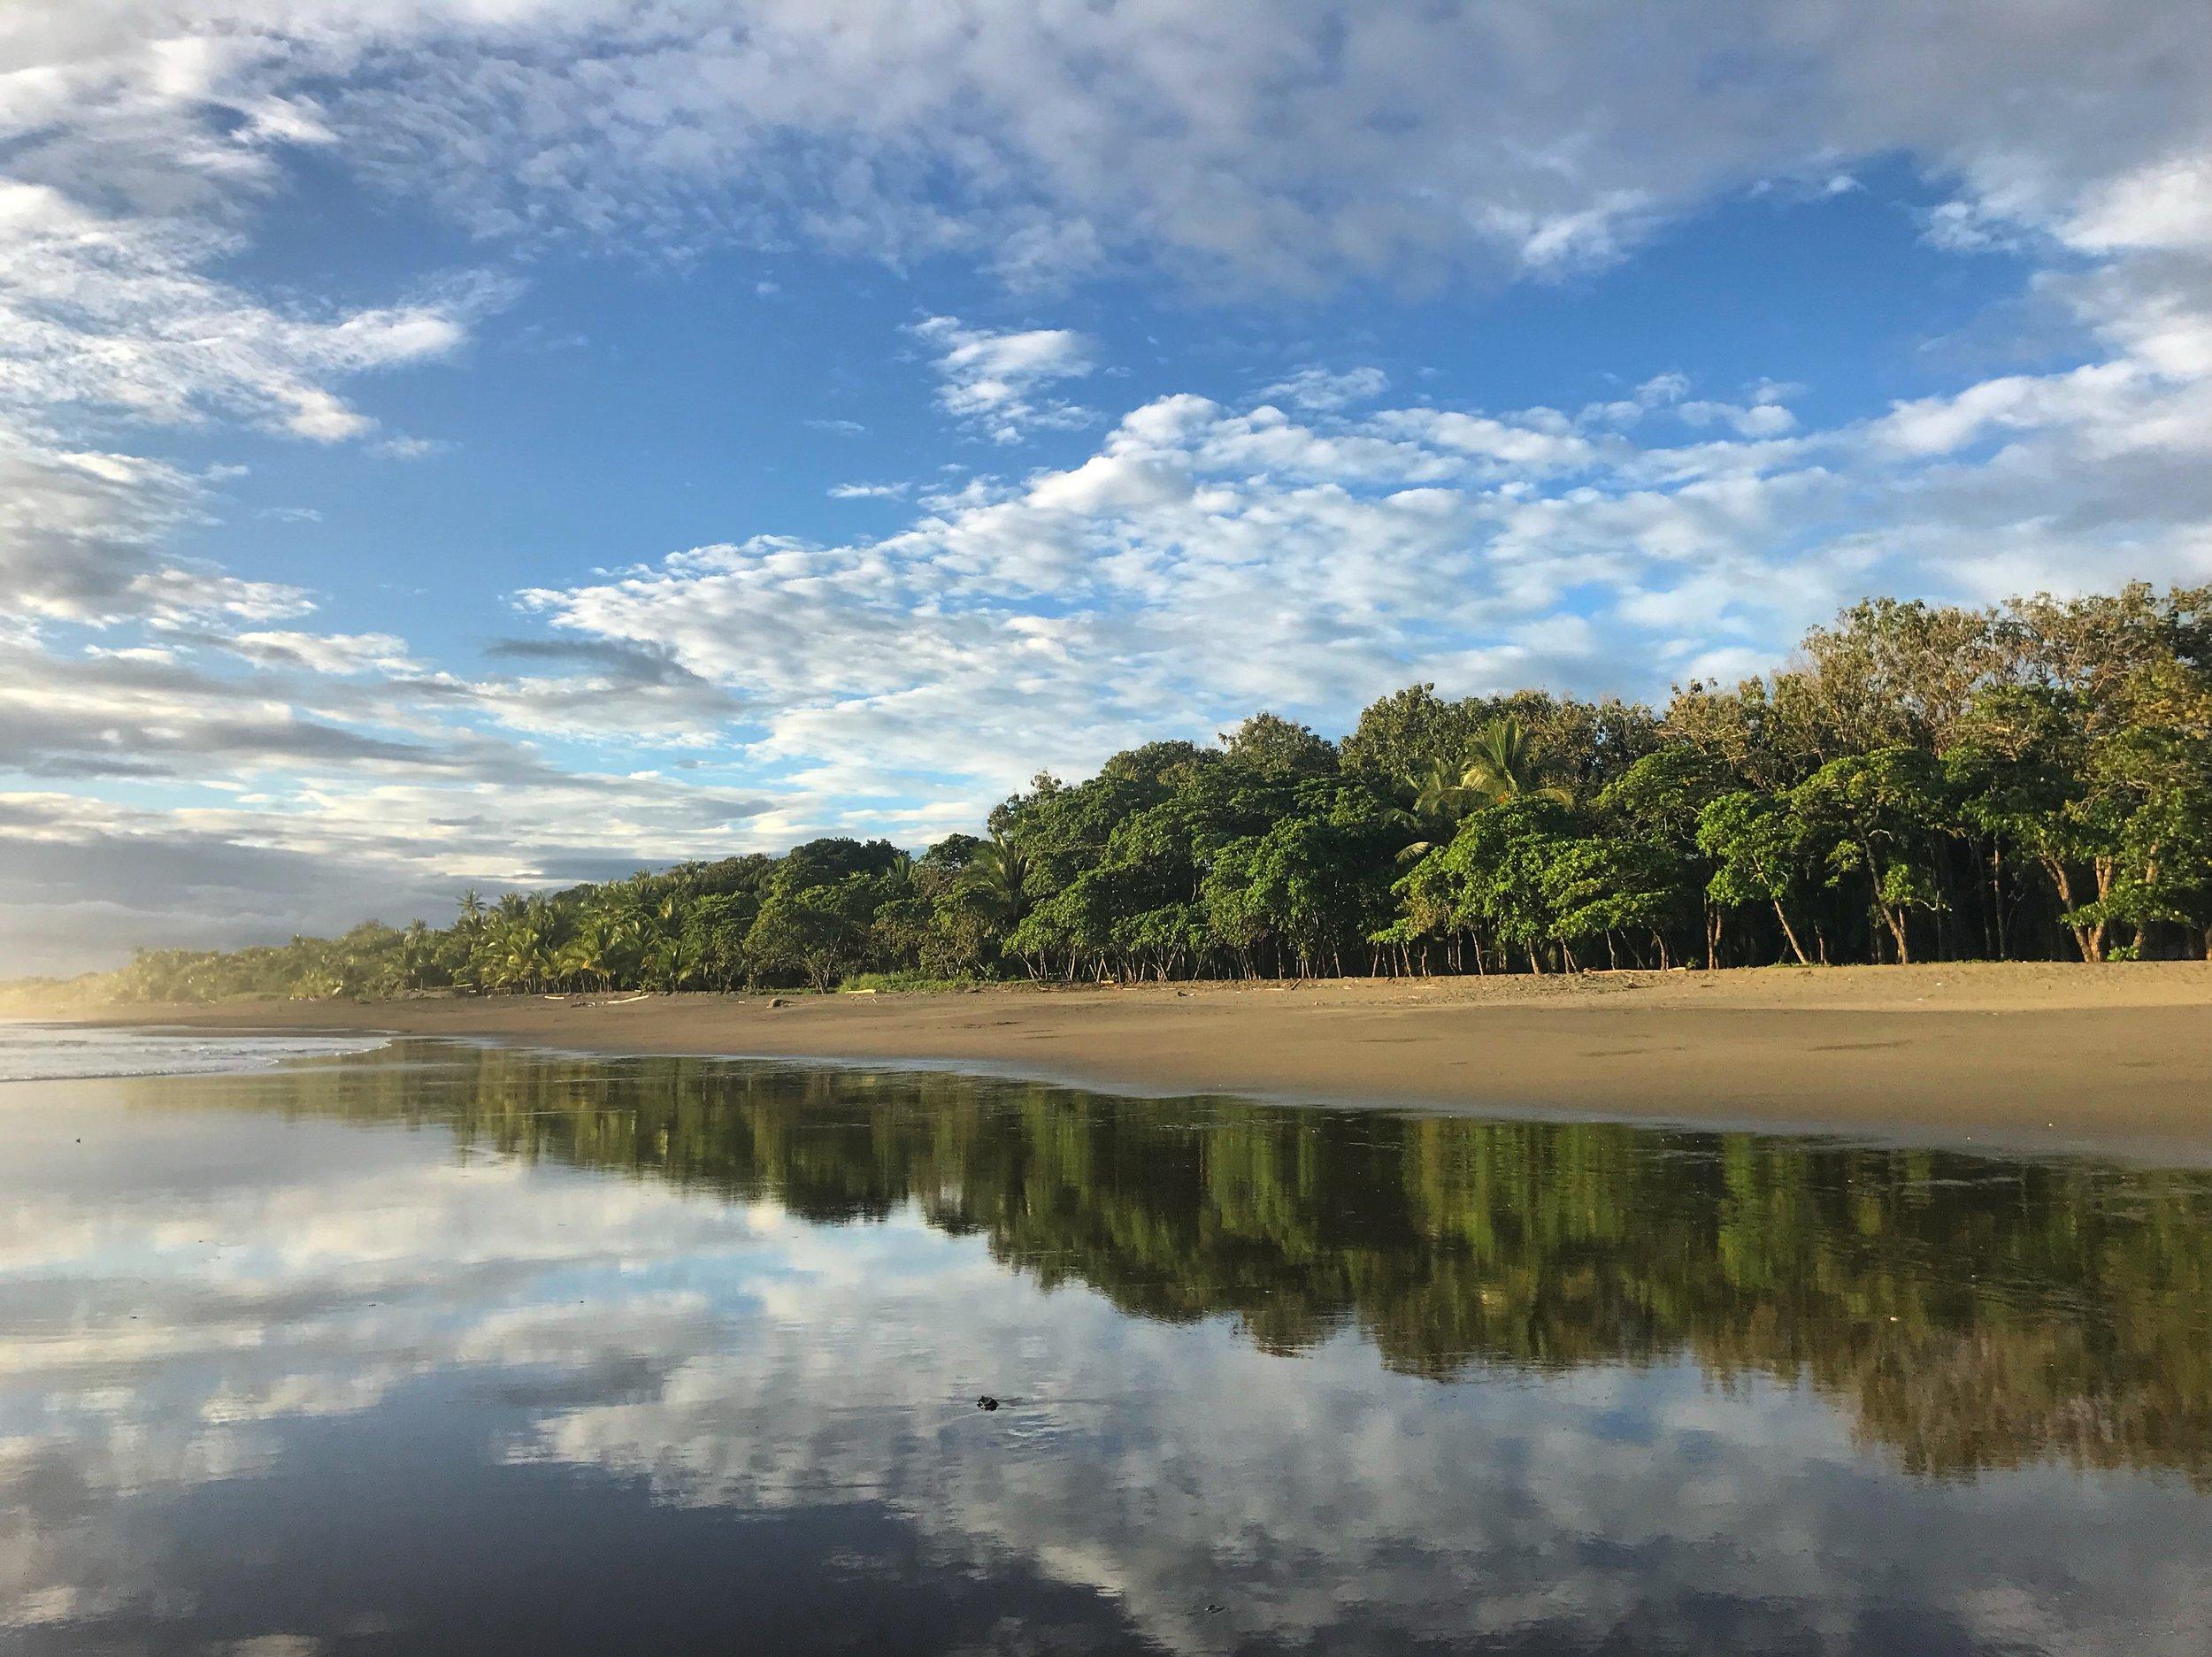 Central America - Costa Rica